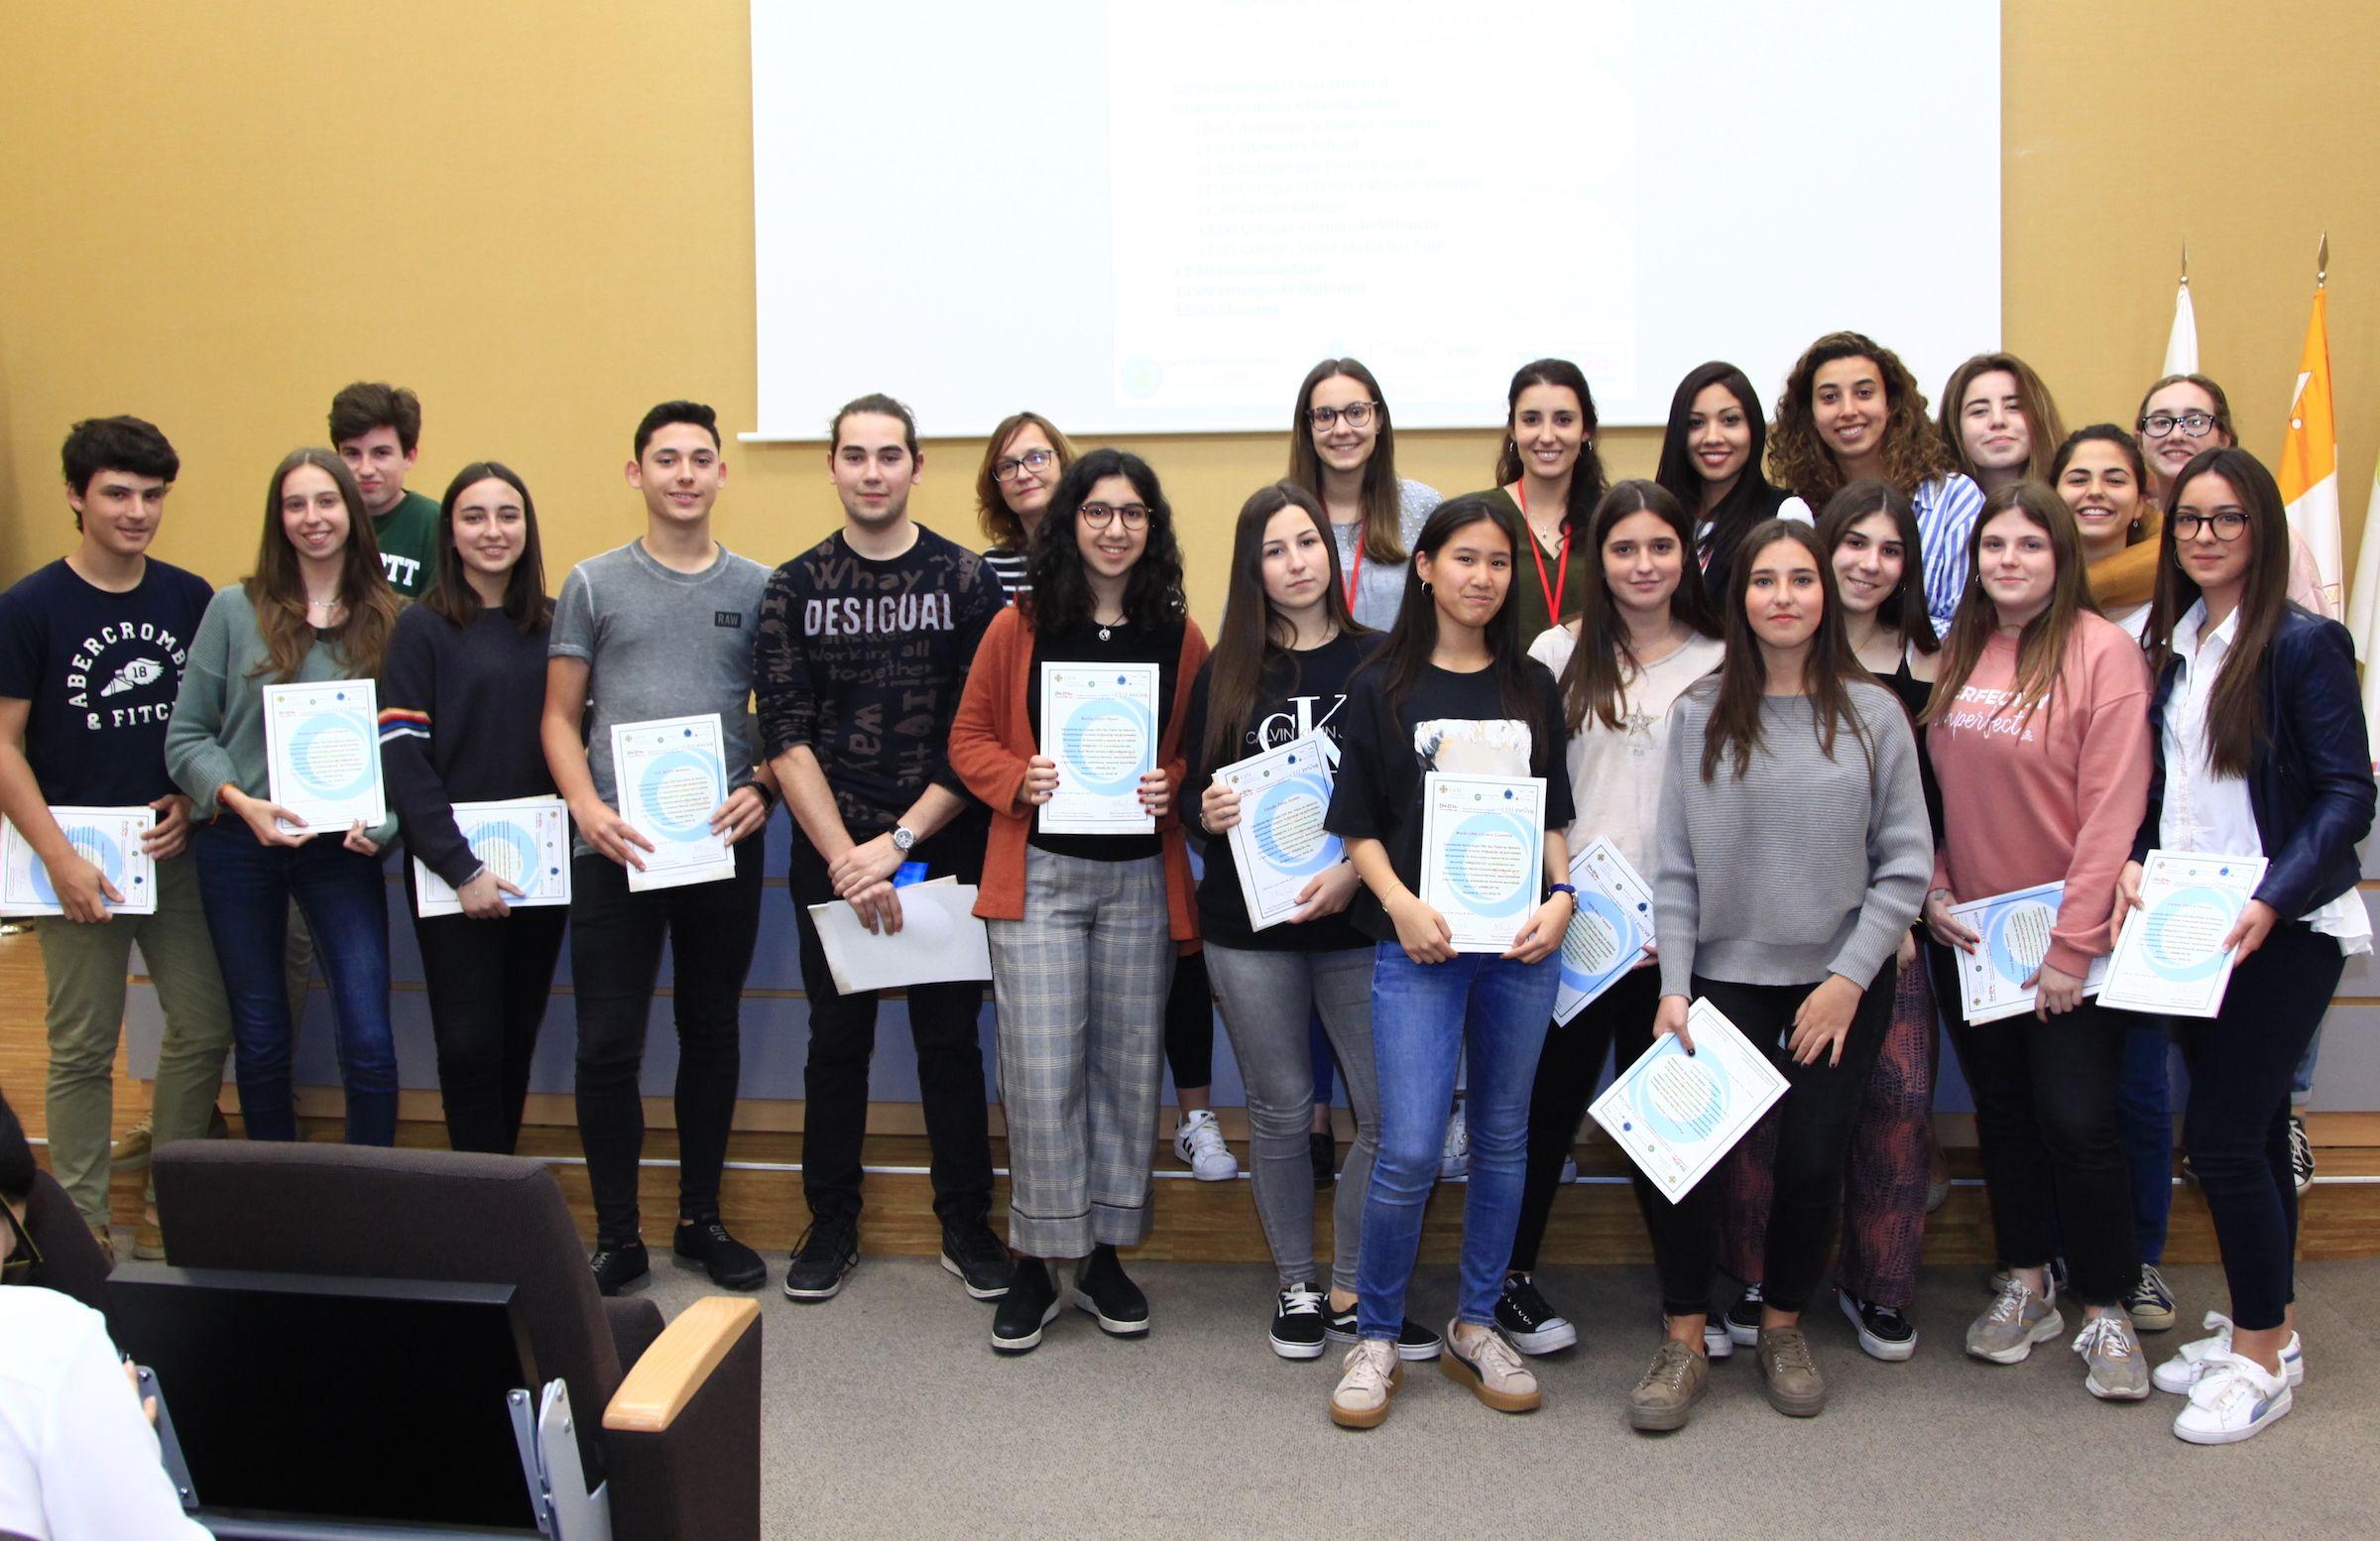 El Colegio CEU San Pablo ha sido uno de los 7 colegios participantes en el proyecto SWICEU, junto a la CEU UCH.